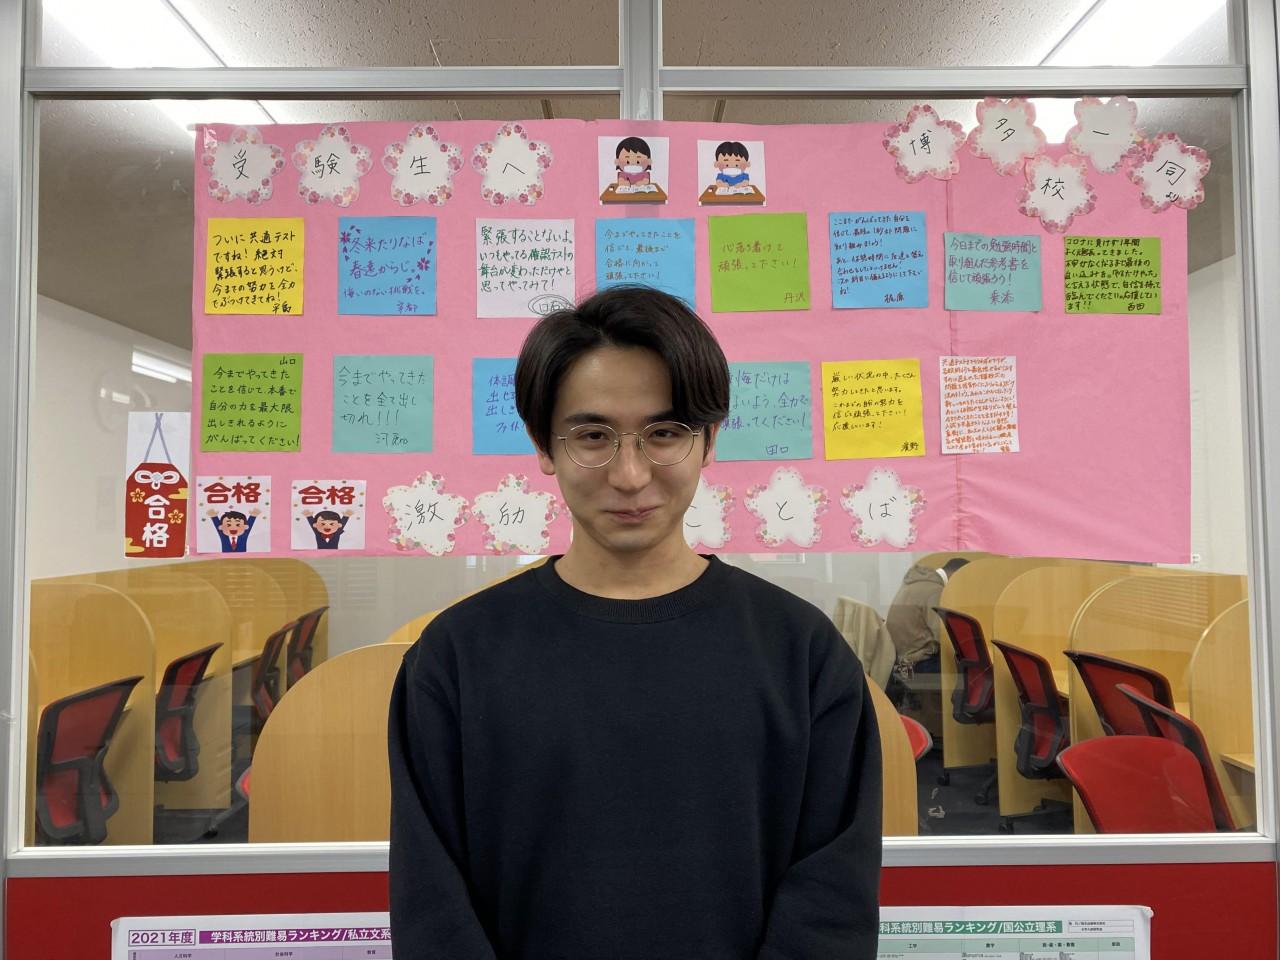 後藤和己写真